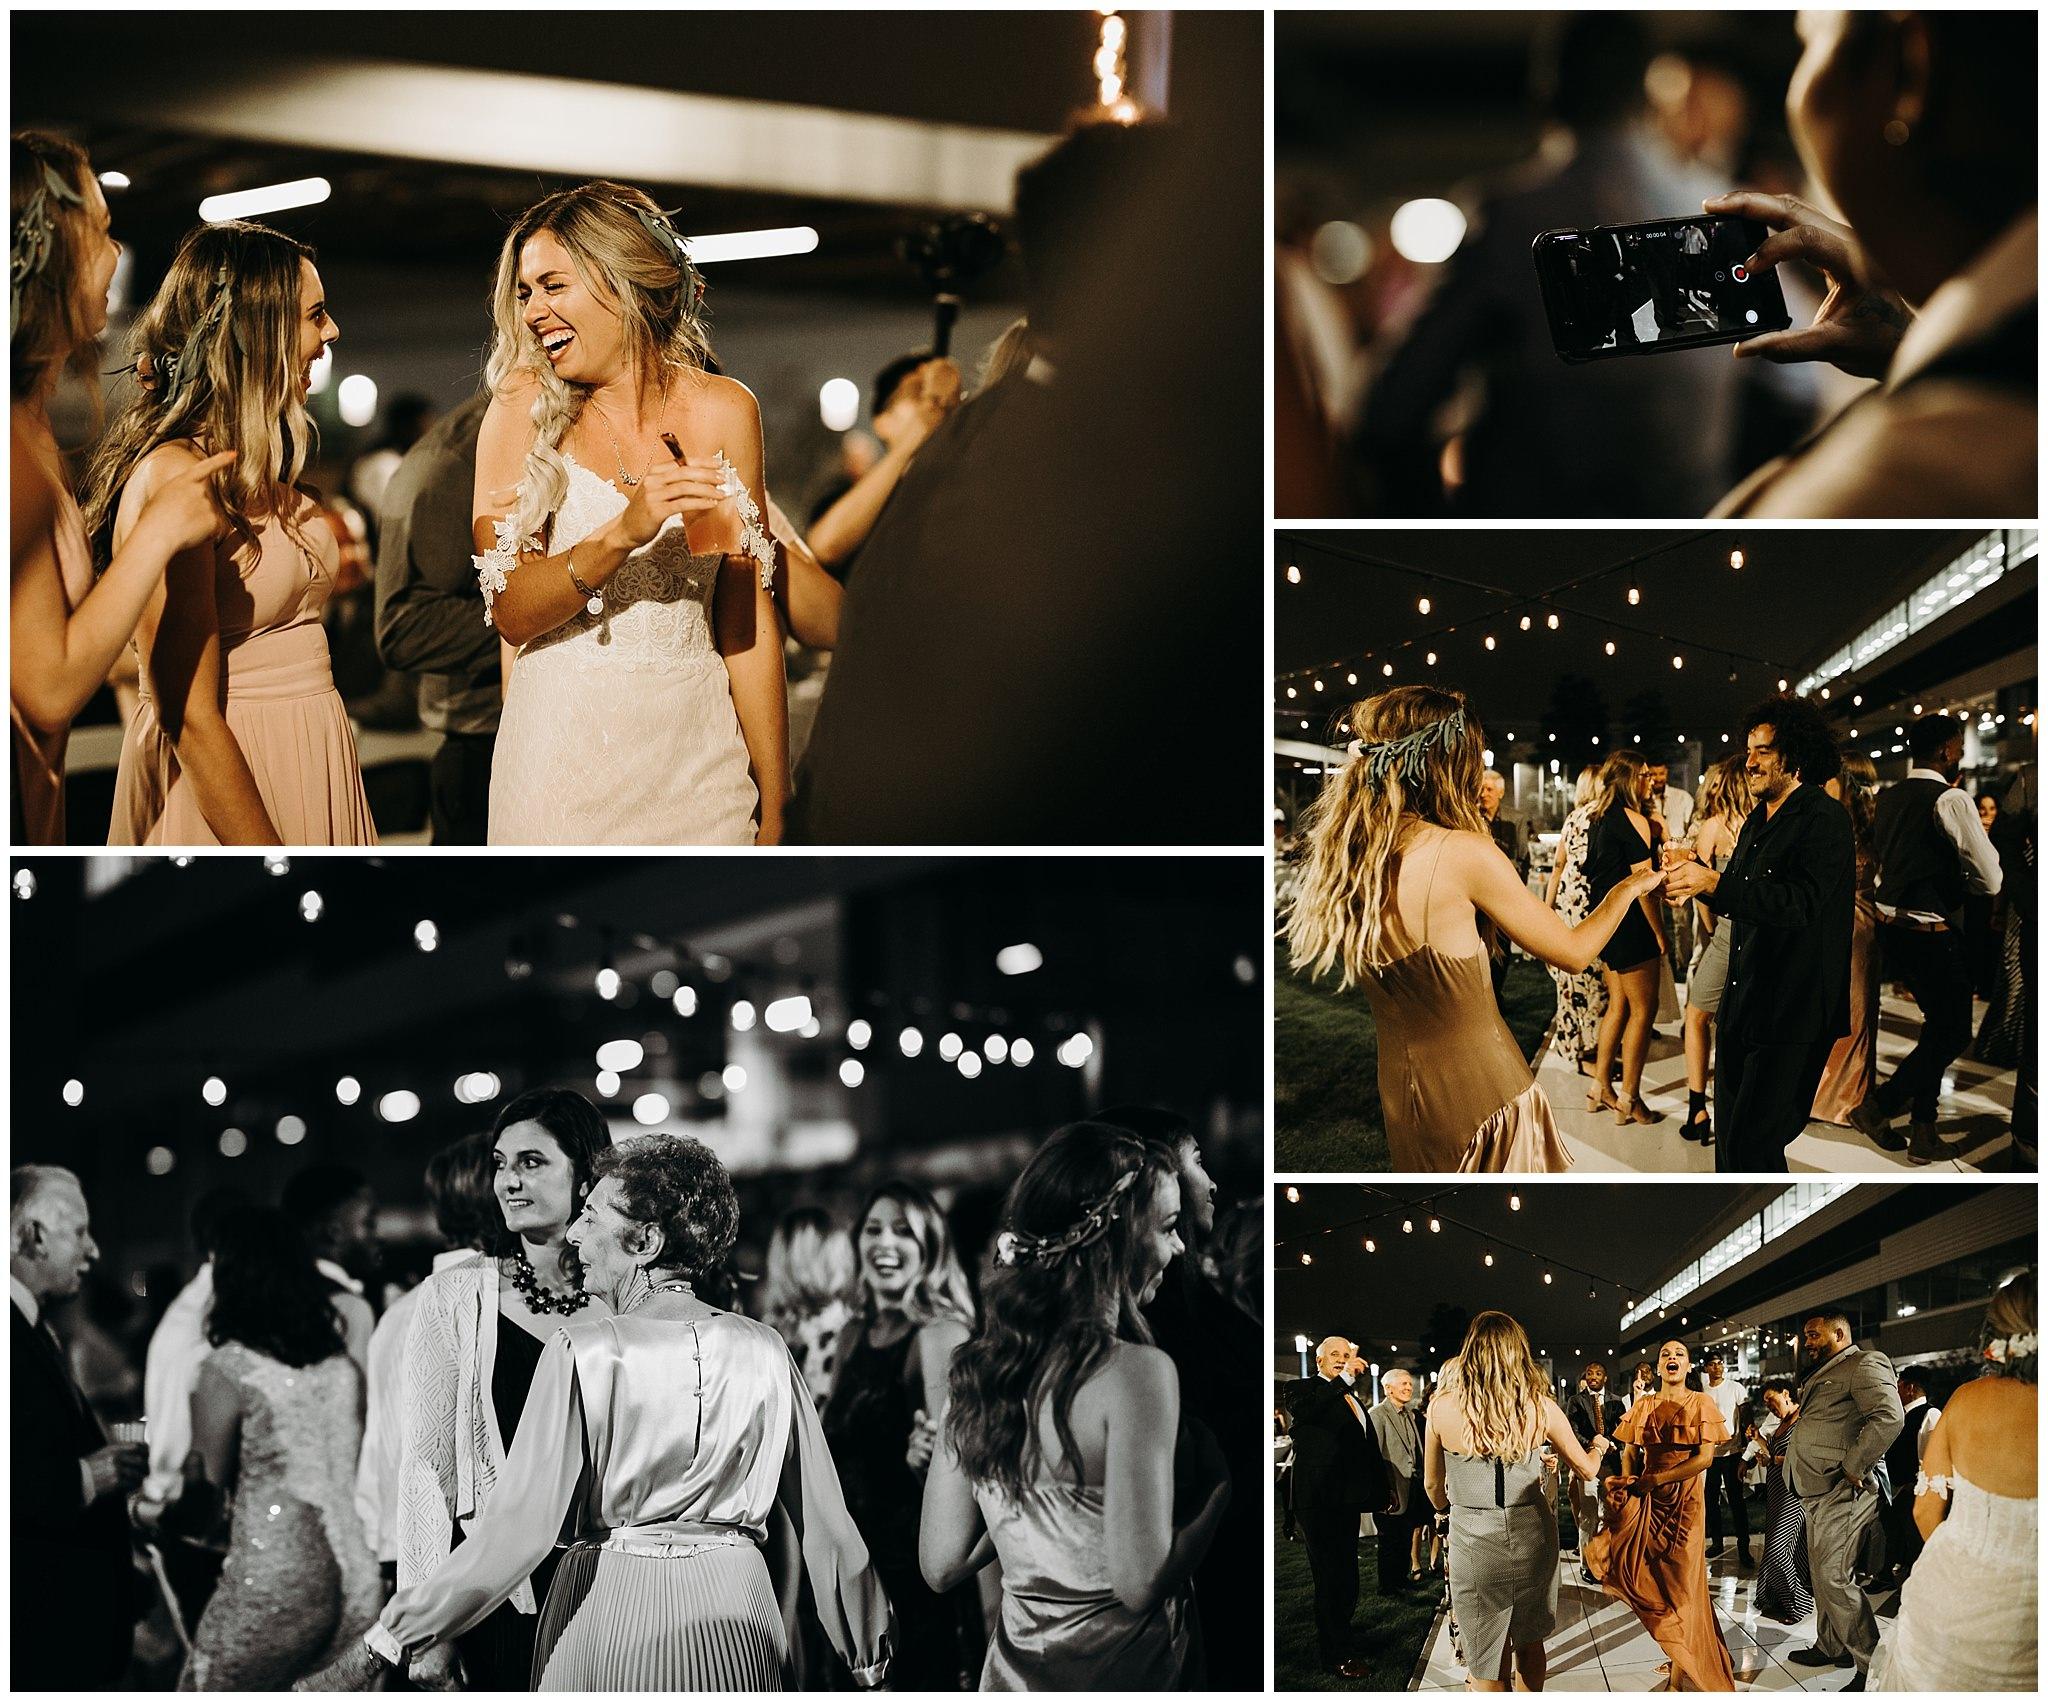 honolulu-wedding9.jpg